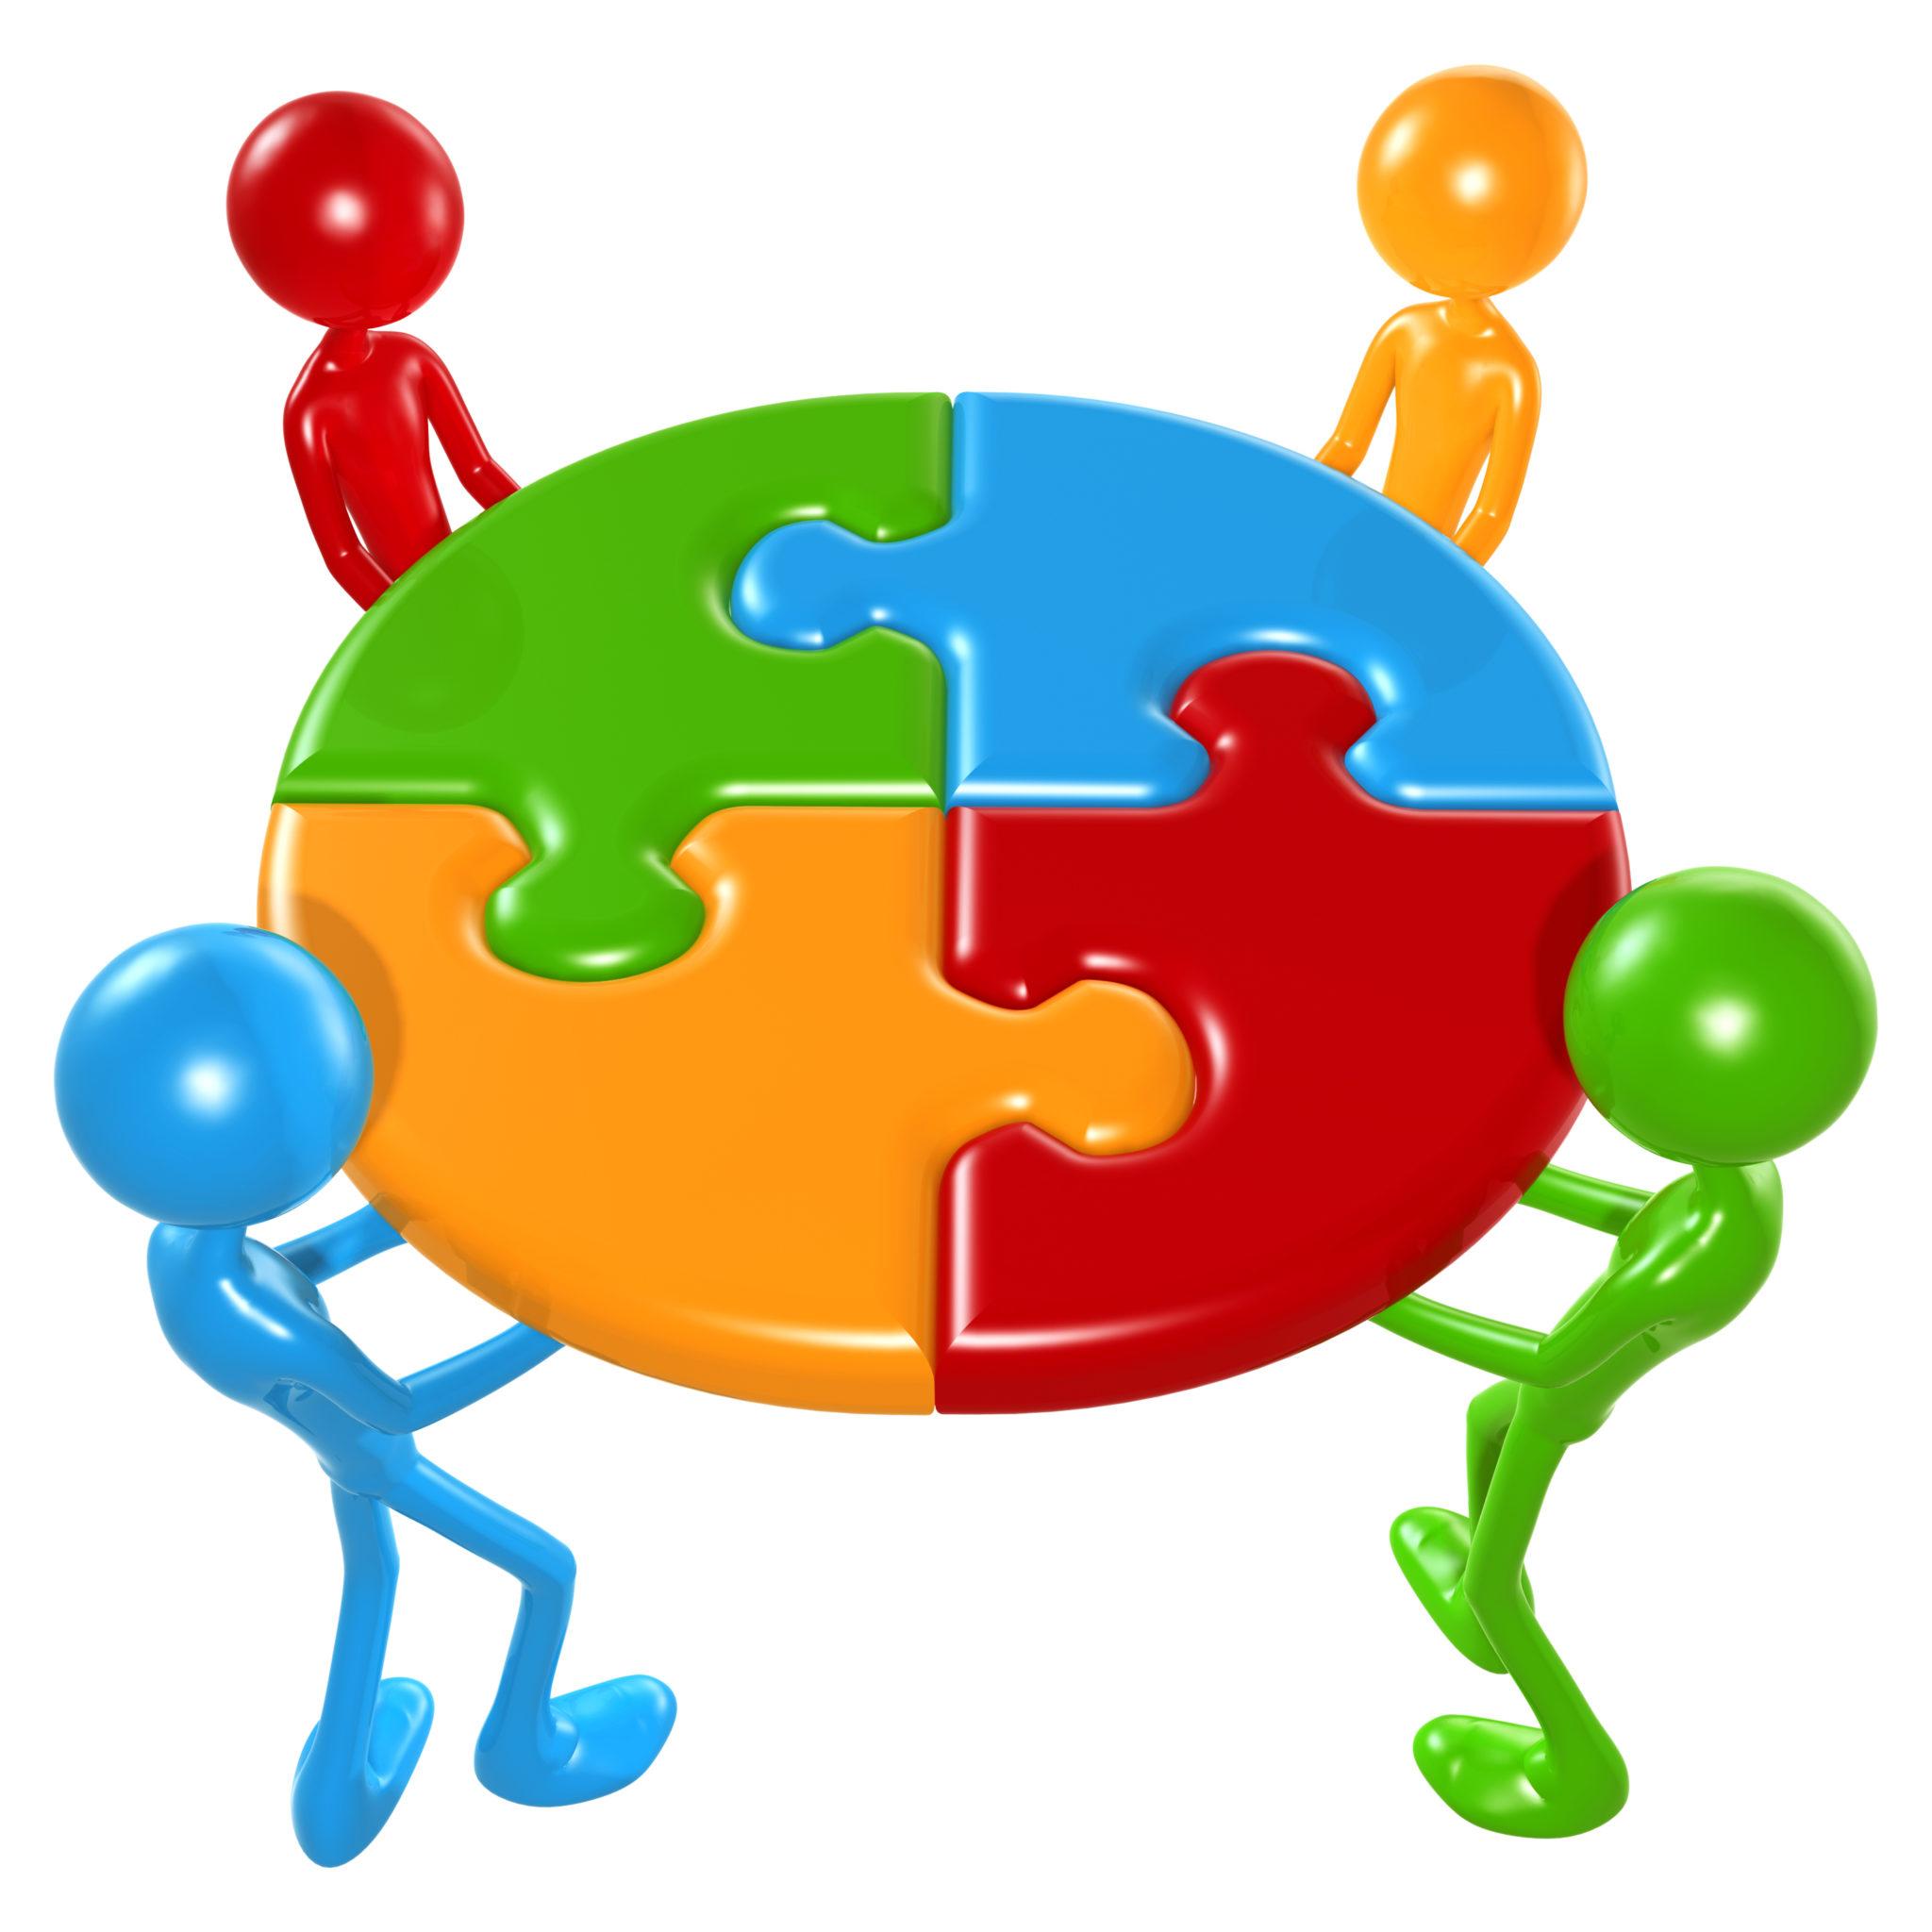 resources-clipart-community-participation-9